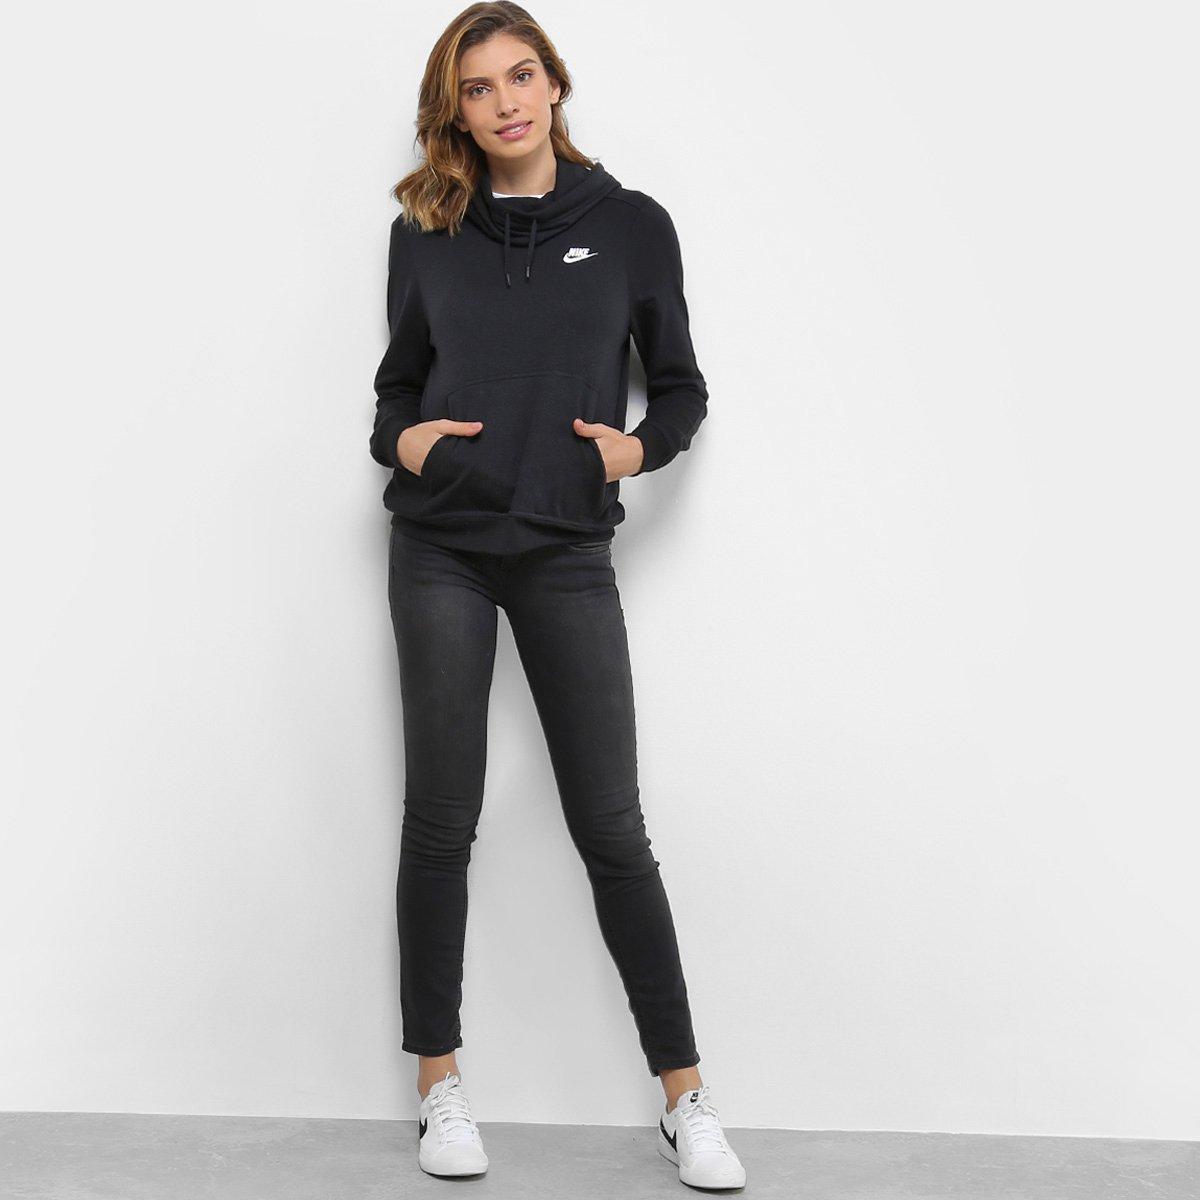 e9af8c0b7c3 Moletom Nike Sportswear Funnel-Neck Feminino